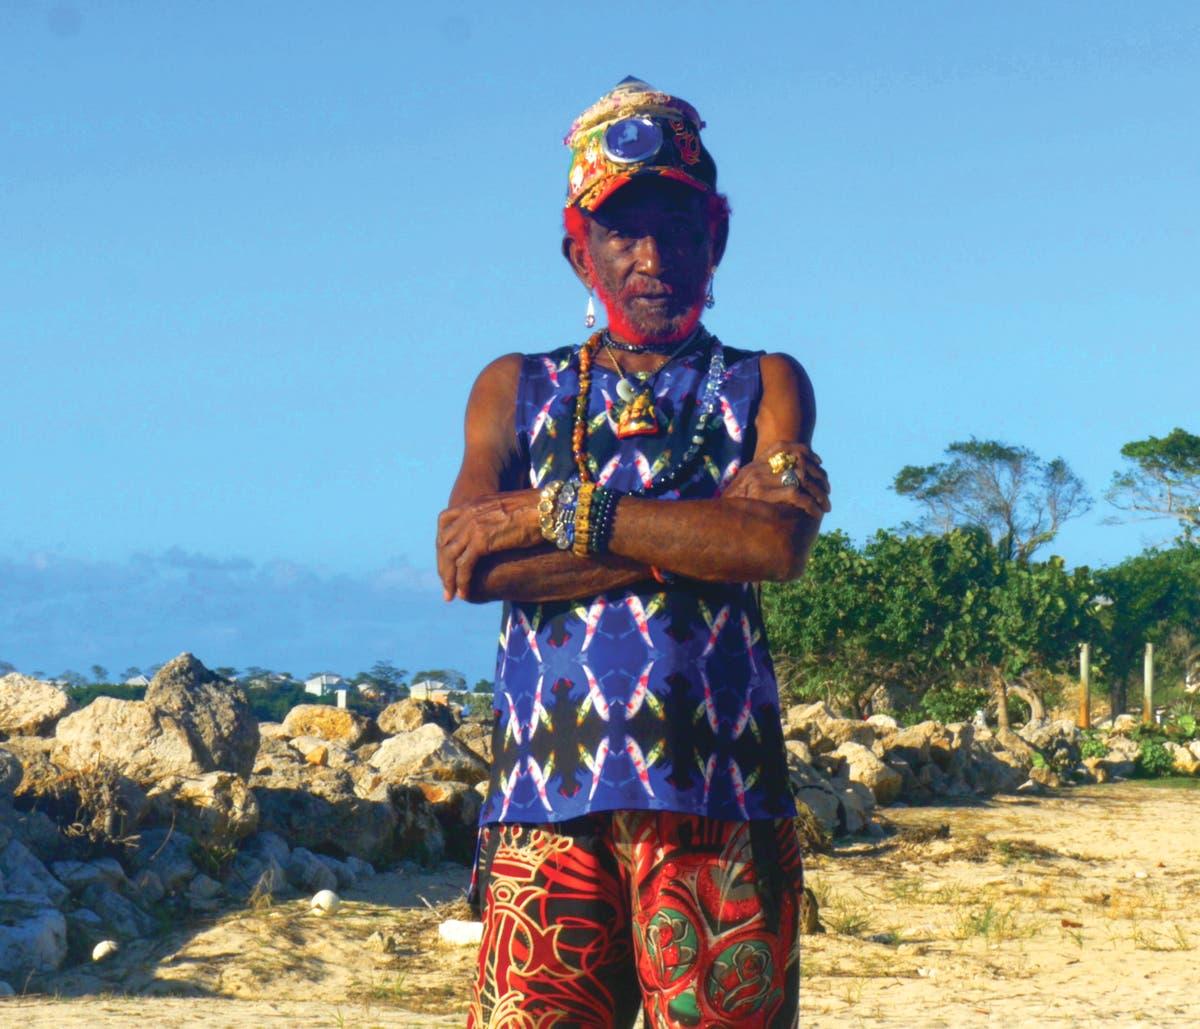 Jamaican reggae legend